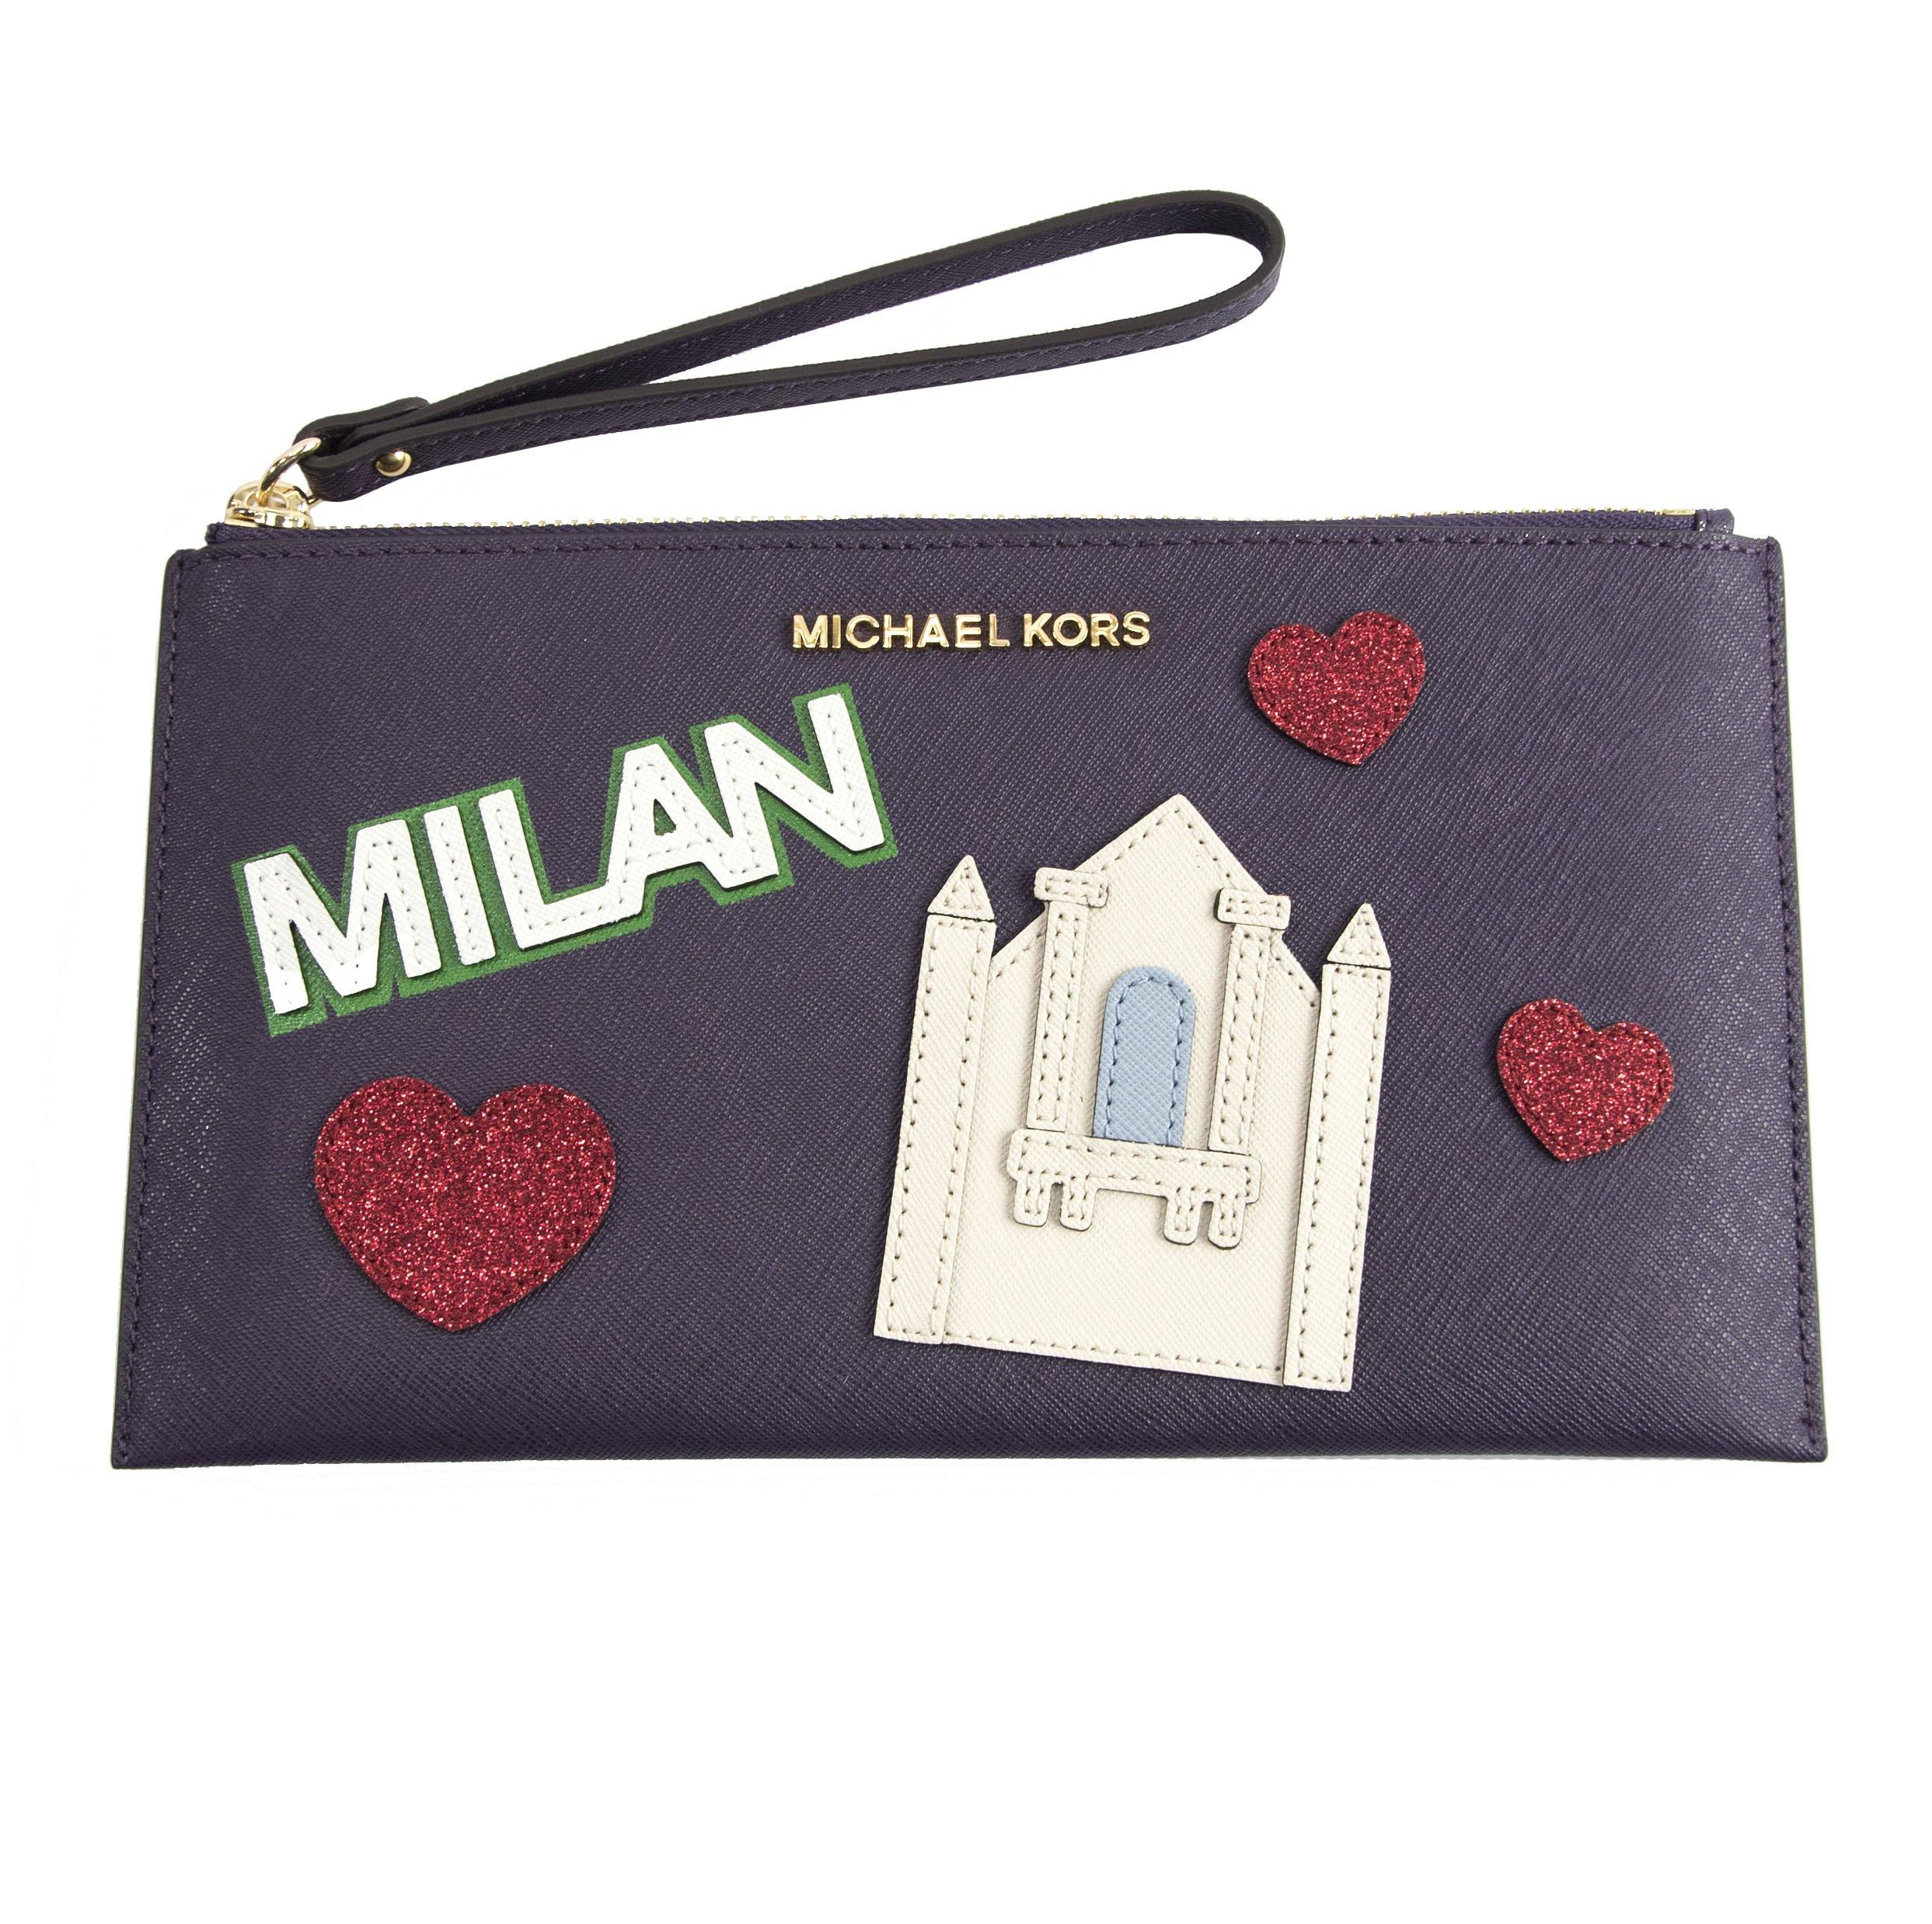 Michael Kors Nouveau Novelty Milan Purple Saffiano Leather Large Clutch Wristlet Bag by MICHAEL Michael Kors